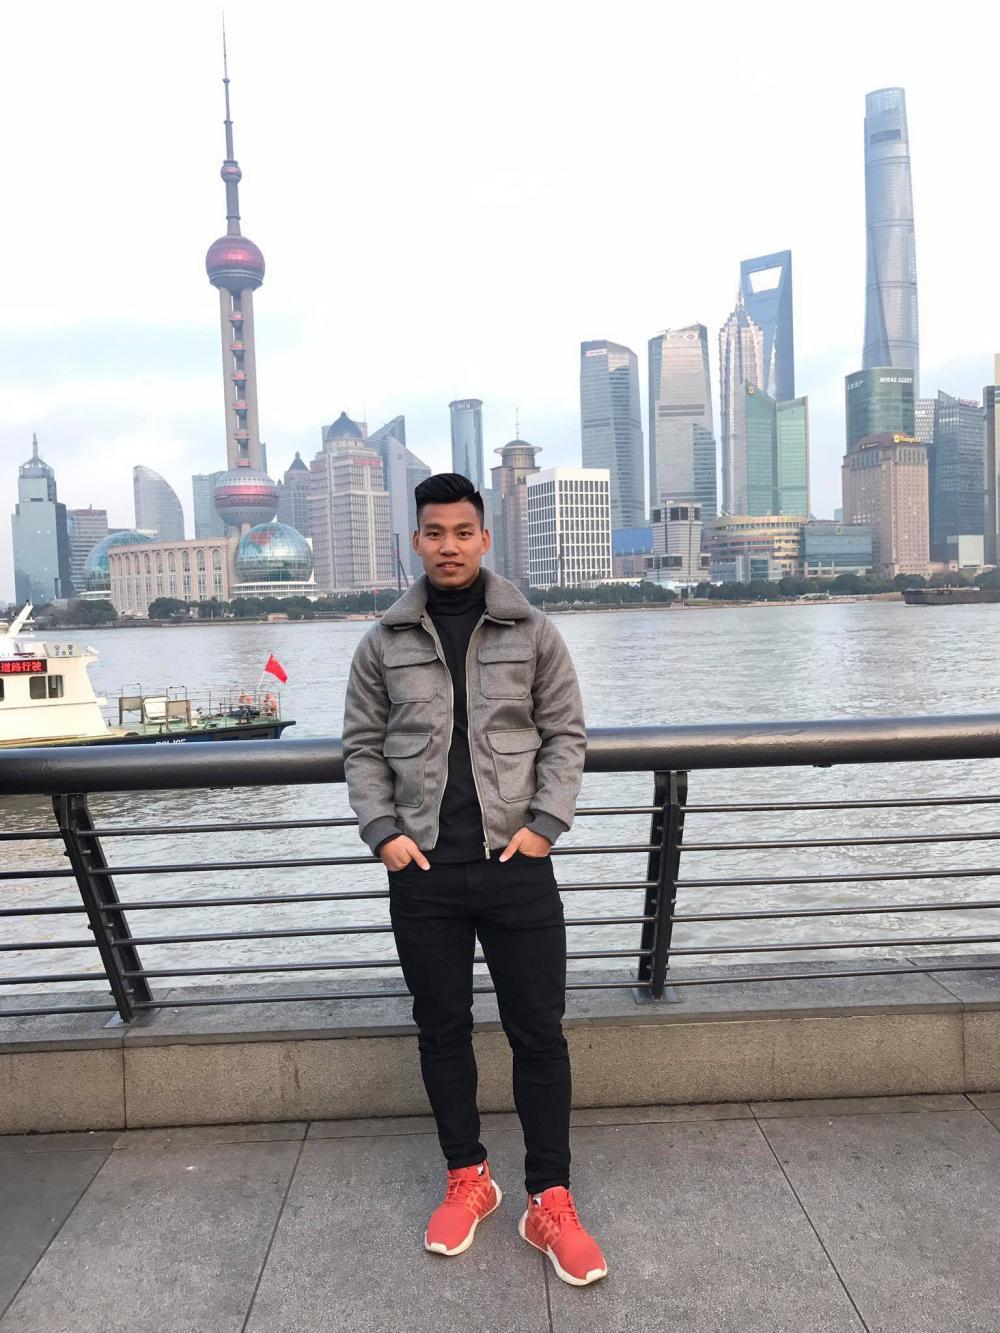 Anh lại càng nổi tiếng hơn khi giành một vé tham gia vào đội tuyển U23 Việt Nam thi đấu tại Thường Châu (Trung Quốc).